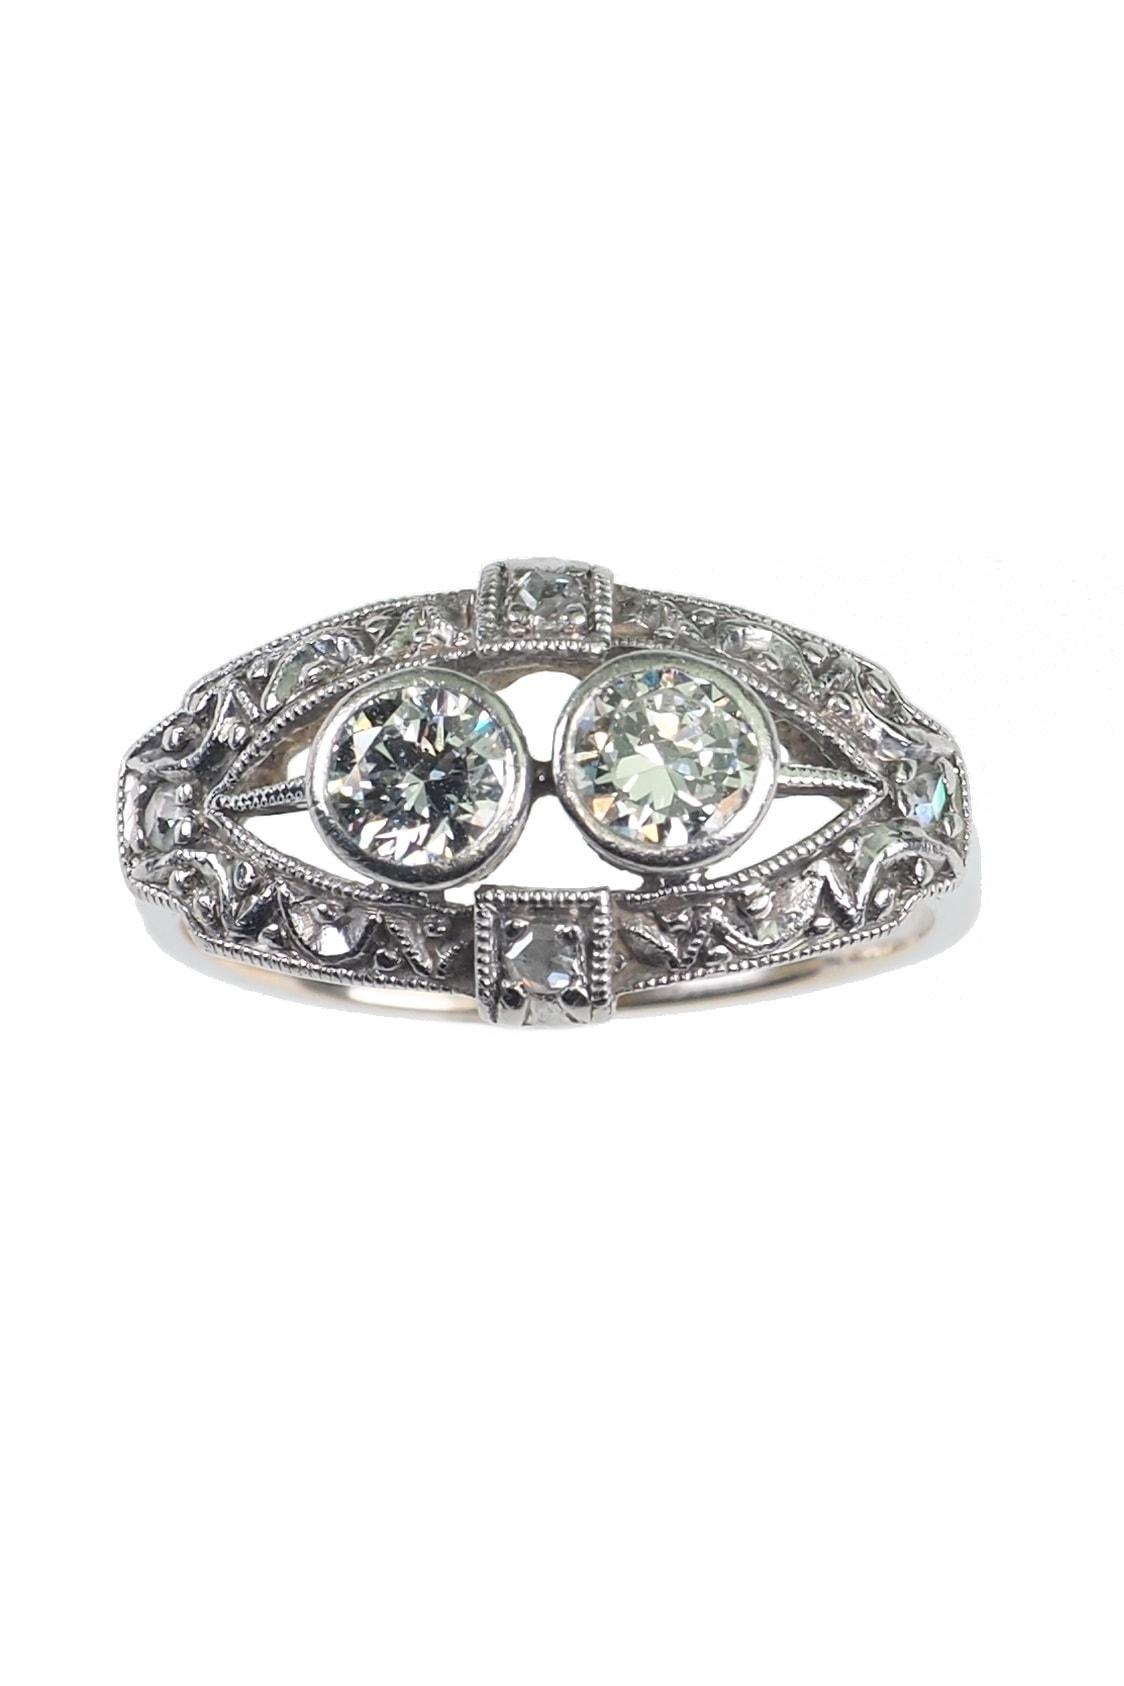 antike-Ringe-kaufen-1286